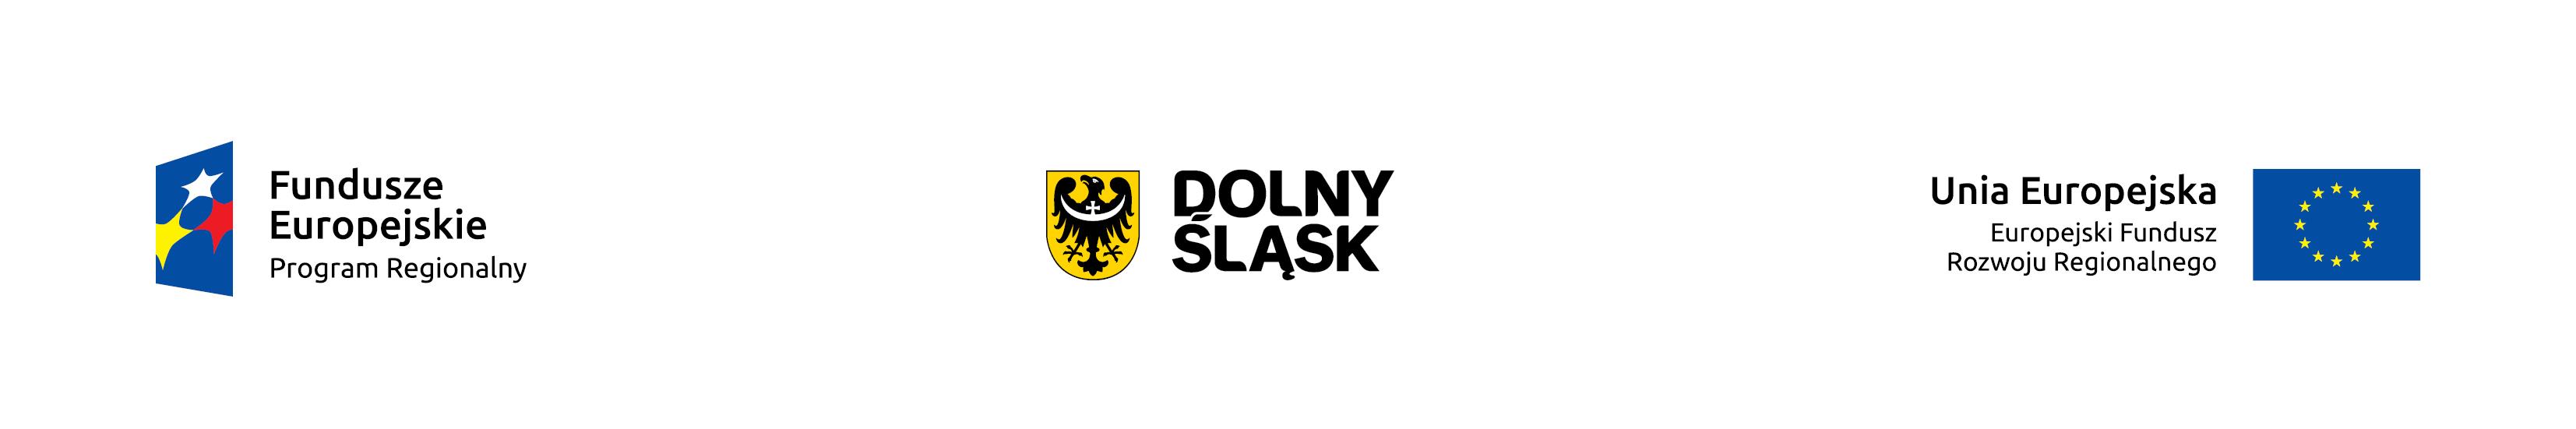 http://rpo.dolnyslask.pl/wp-content/uploads/2015/08/FEPR-DS-UE-EFRR-kolor.jpg